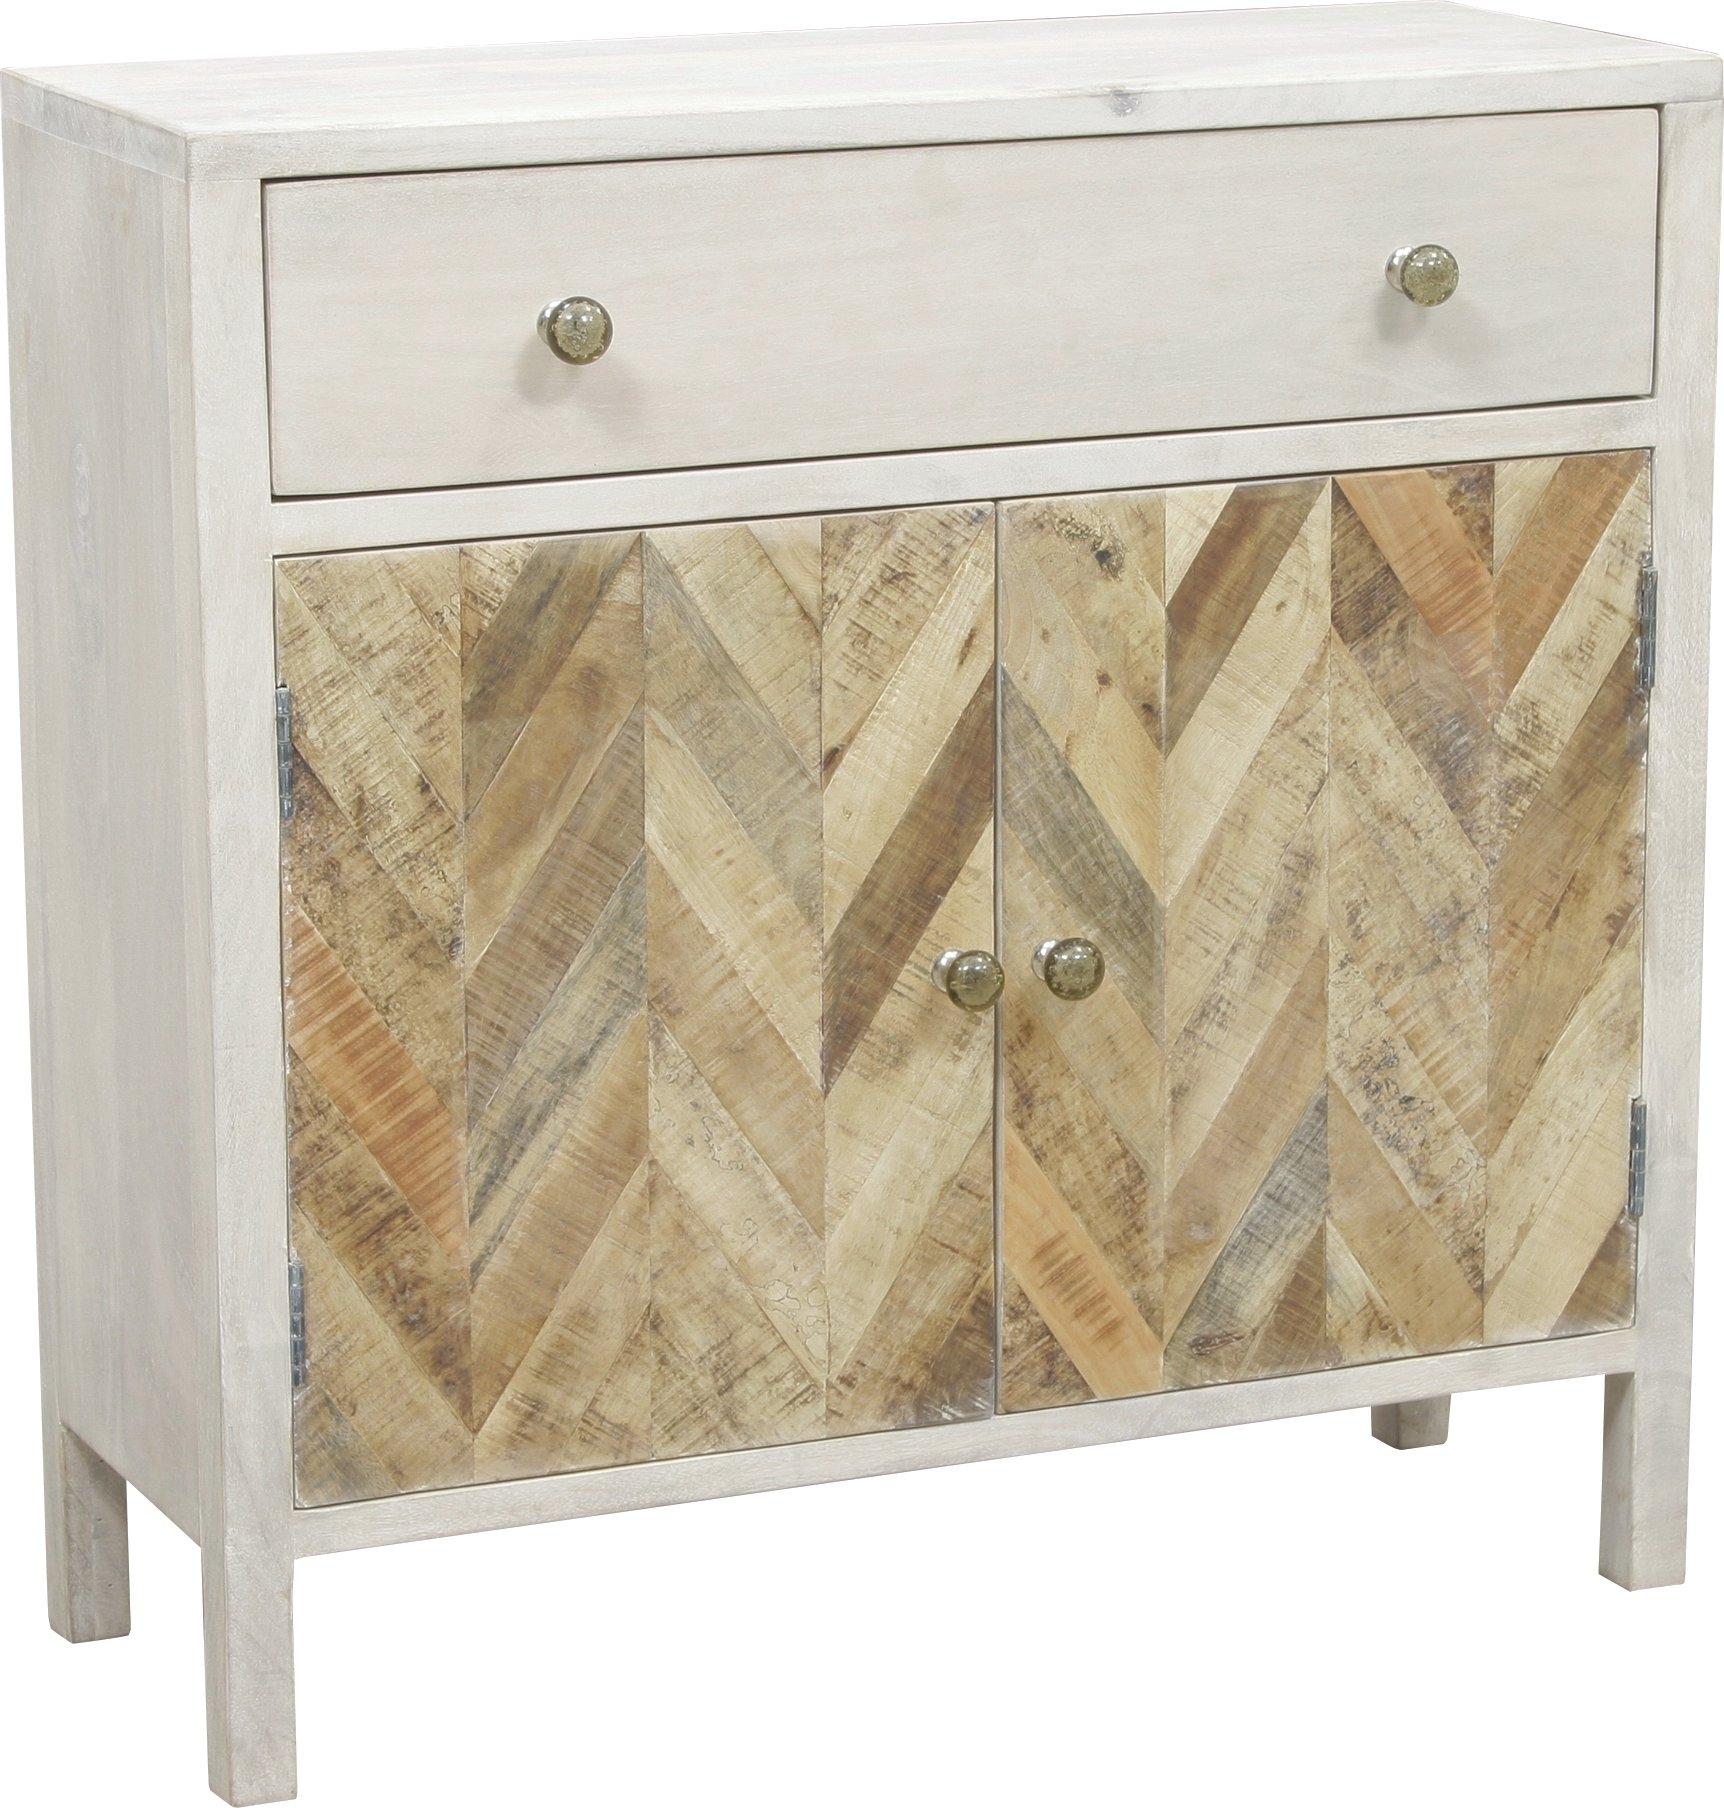 August Grove Islemade 1 Drawer 2 Door Cabinet | Wayfair Throughout Most Popular Burn Tan Finish 2 Door Sideboards (#3 of 20)